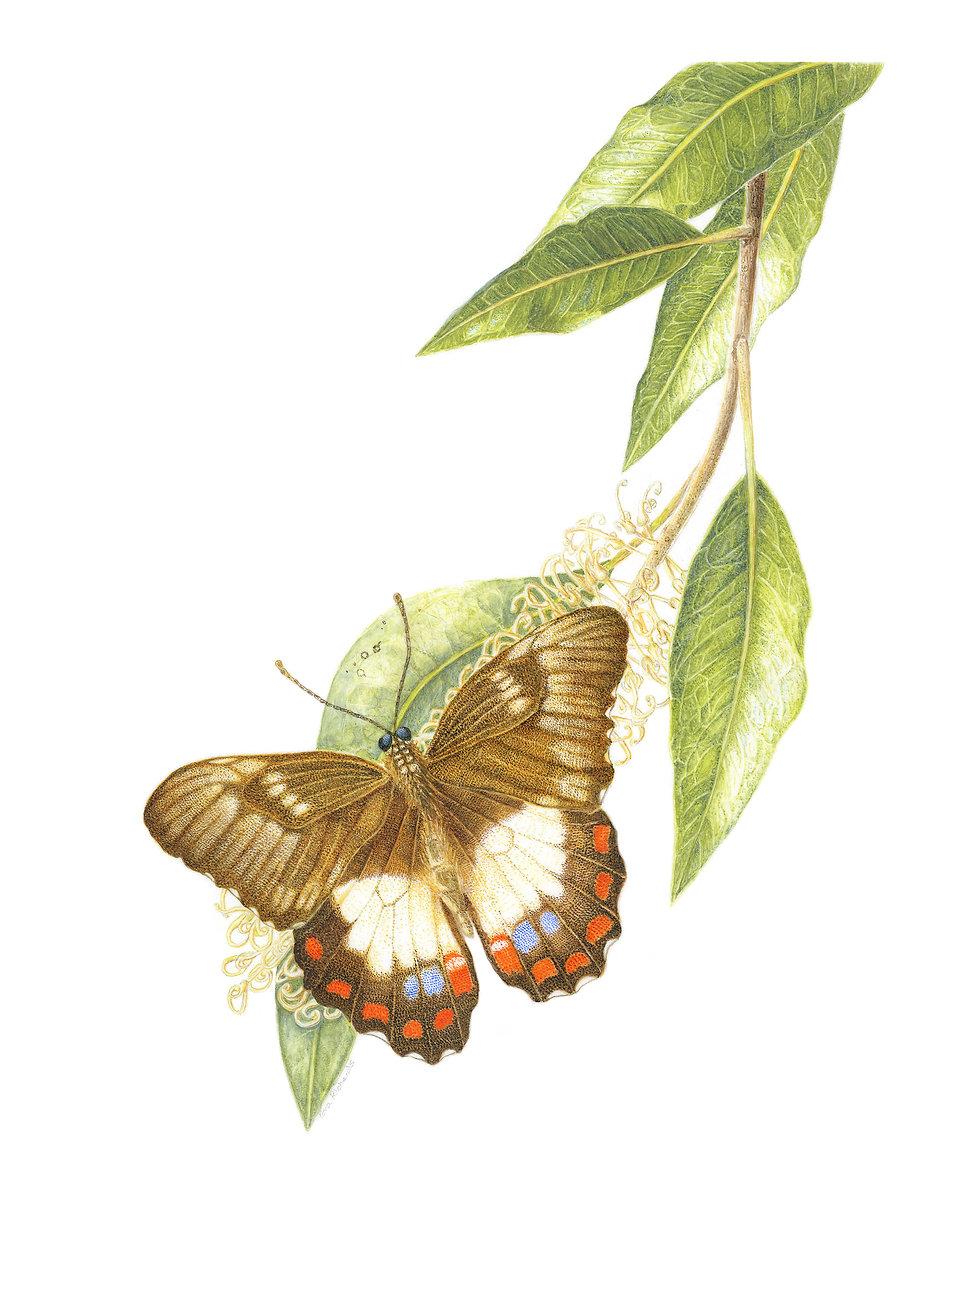 Buckinghamia celsissima By Eva Richards